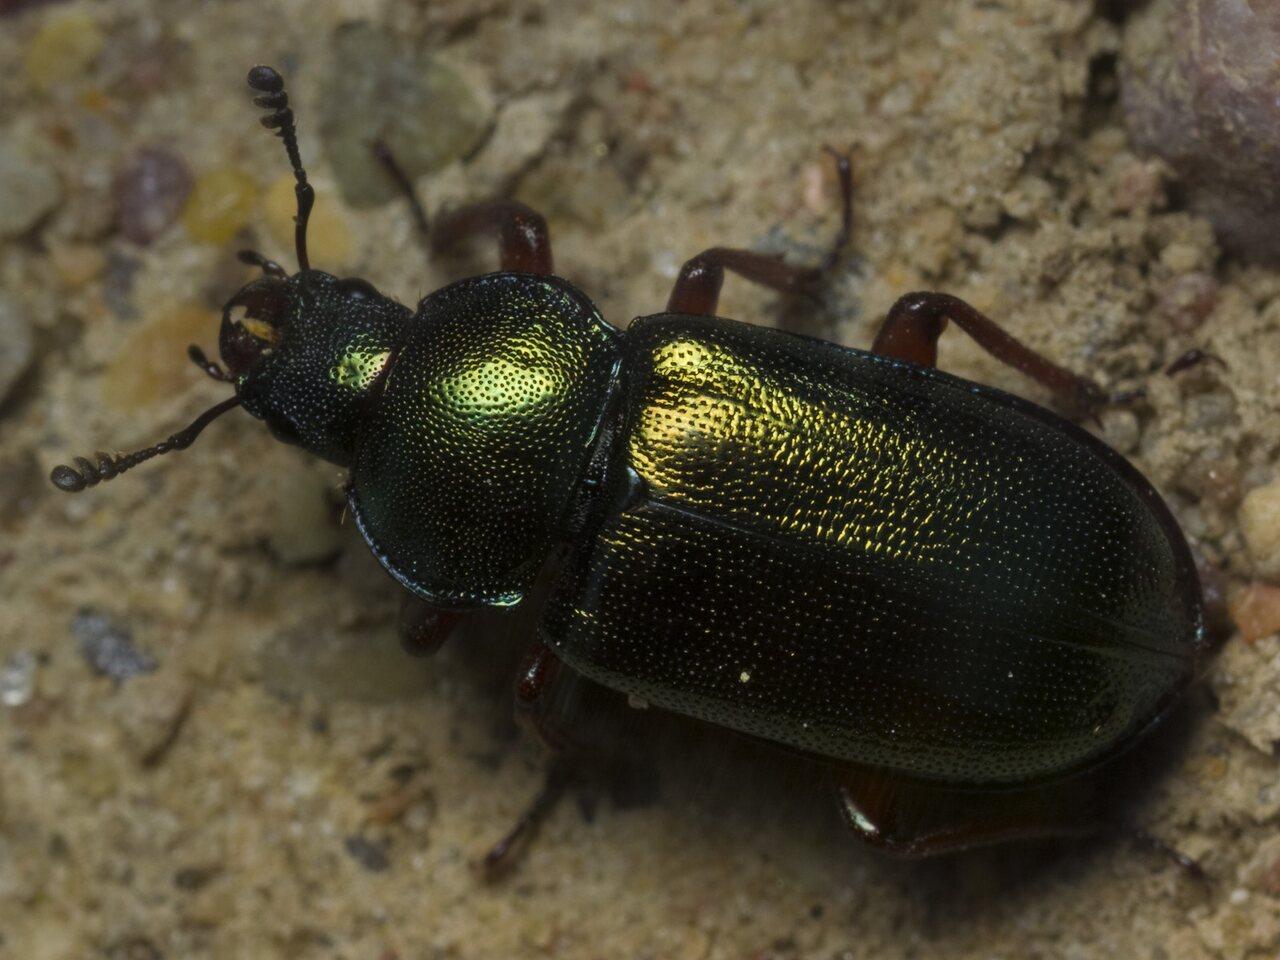 Platycerus-caraboides-1592.jpg